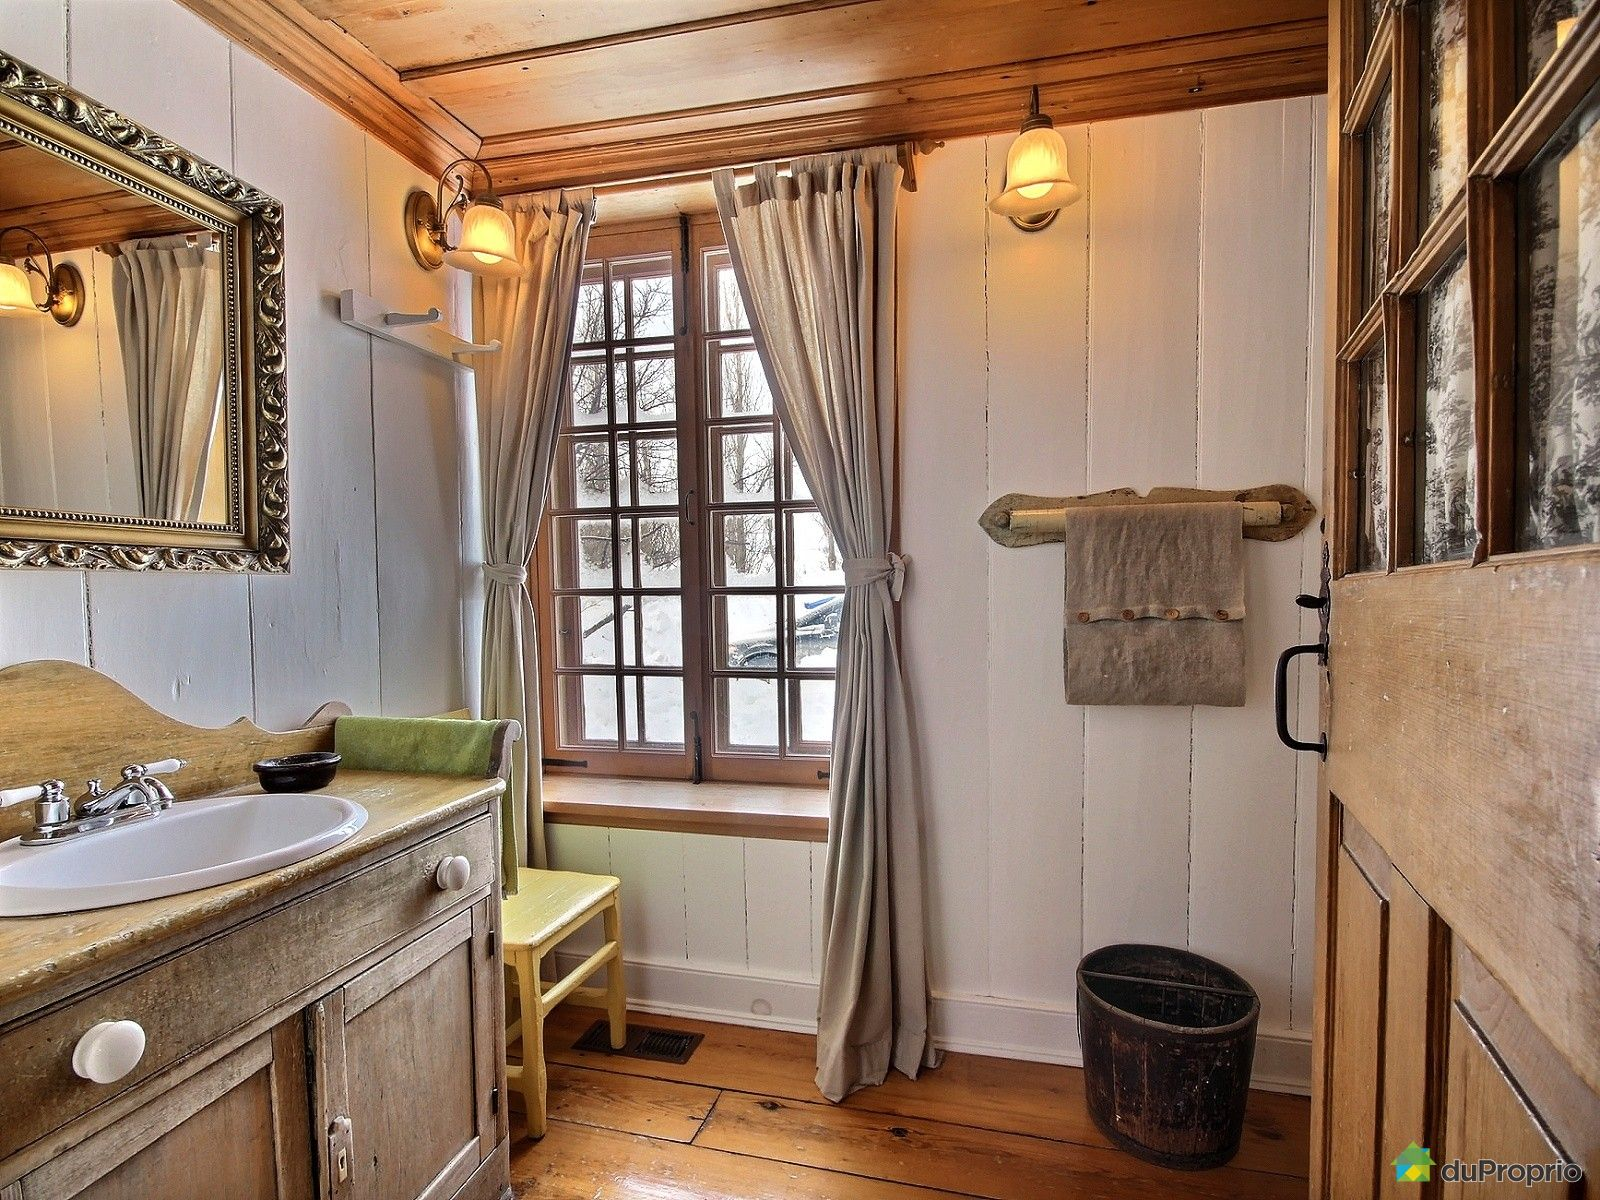 maison vendre ile d 39 orleans st jean 1473 c te blais immobilier qu bec duproprio 578235. Black Bedroom Furniture Sets. Home Design Ideas